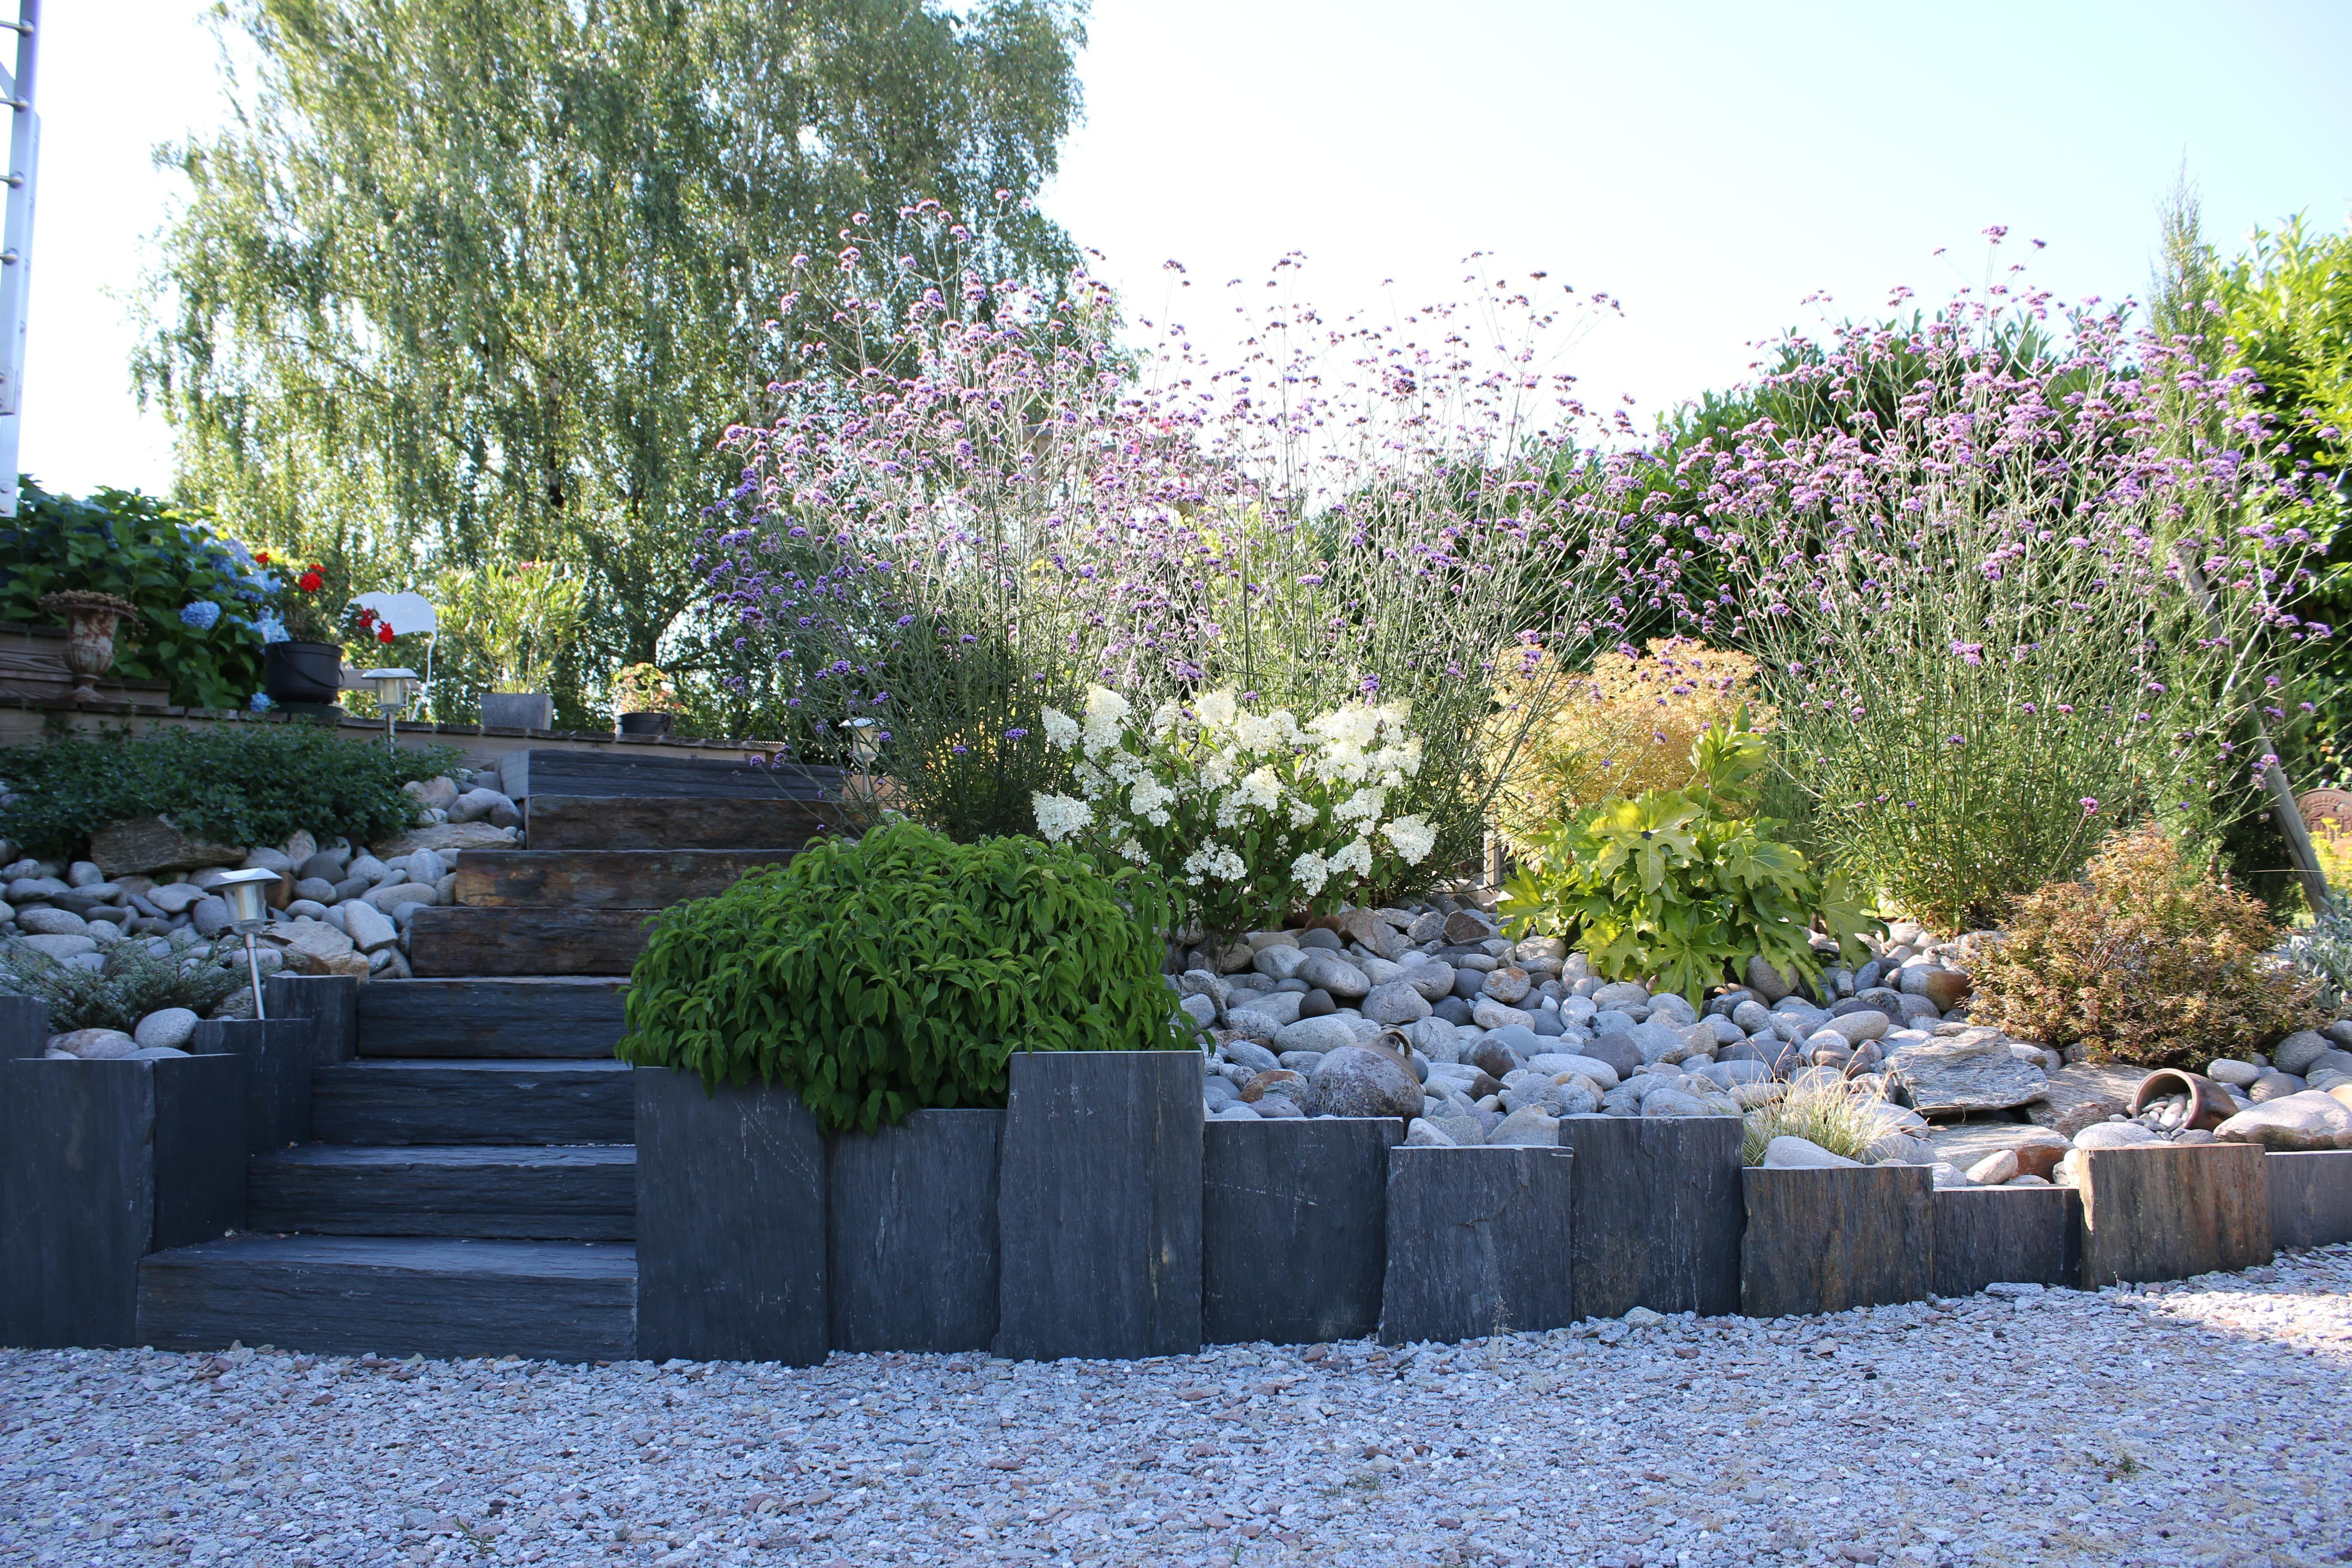 Rebeyrol Rebeyrol Createur De Jardins Amenagement De Jardins